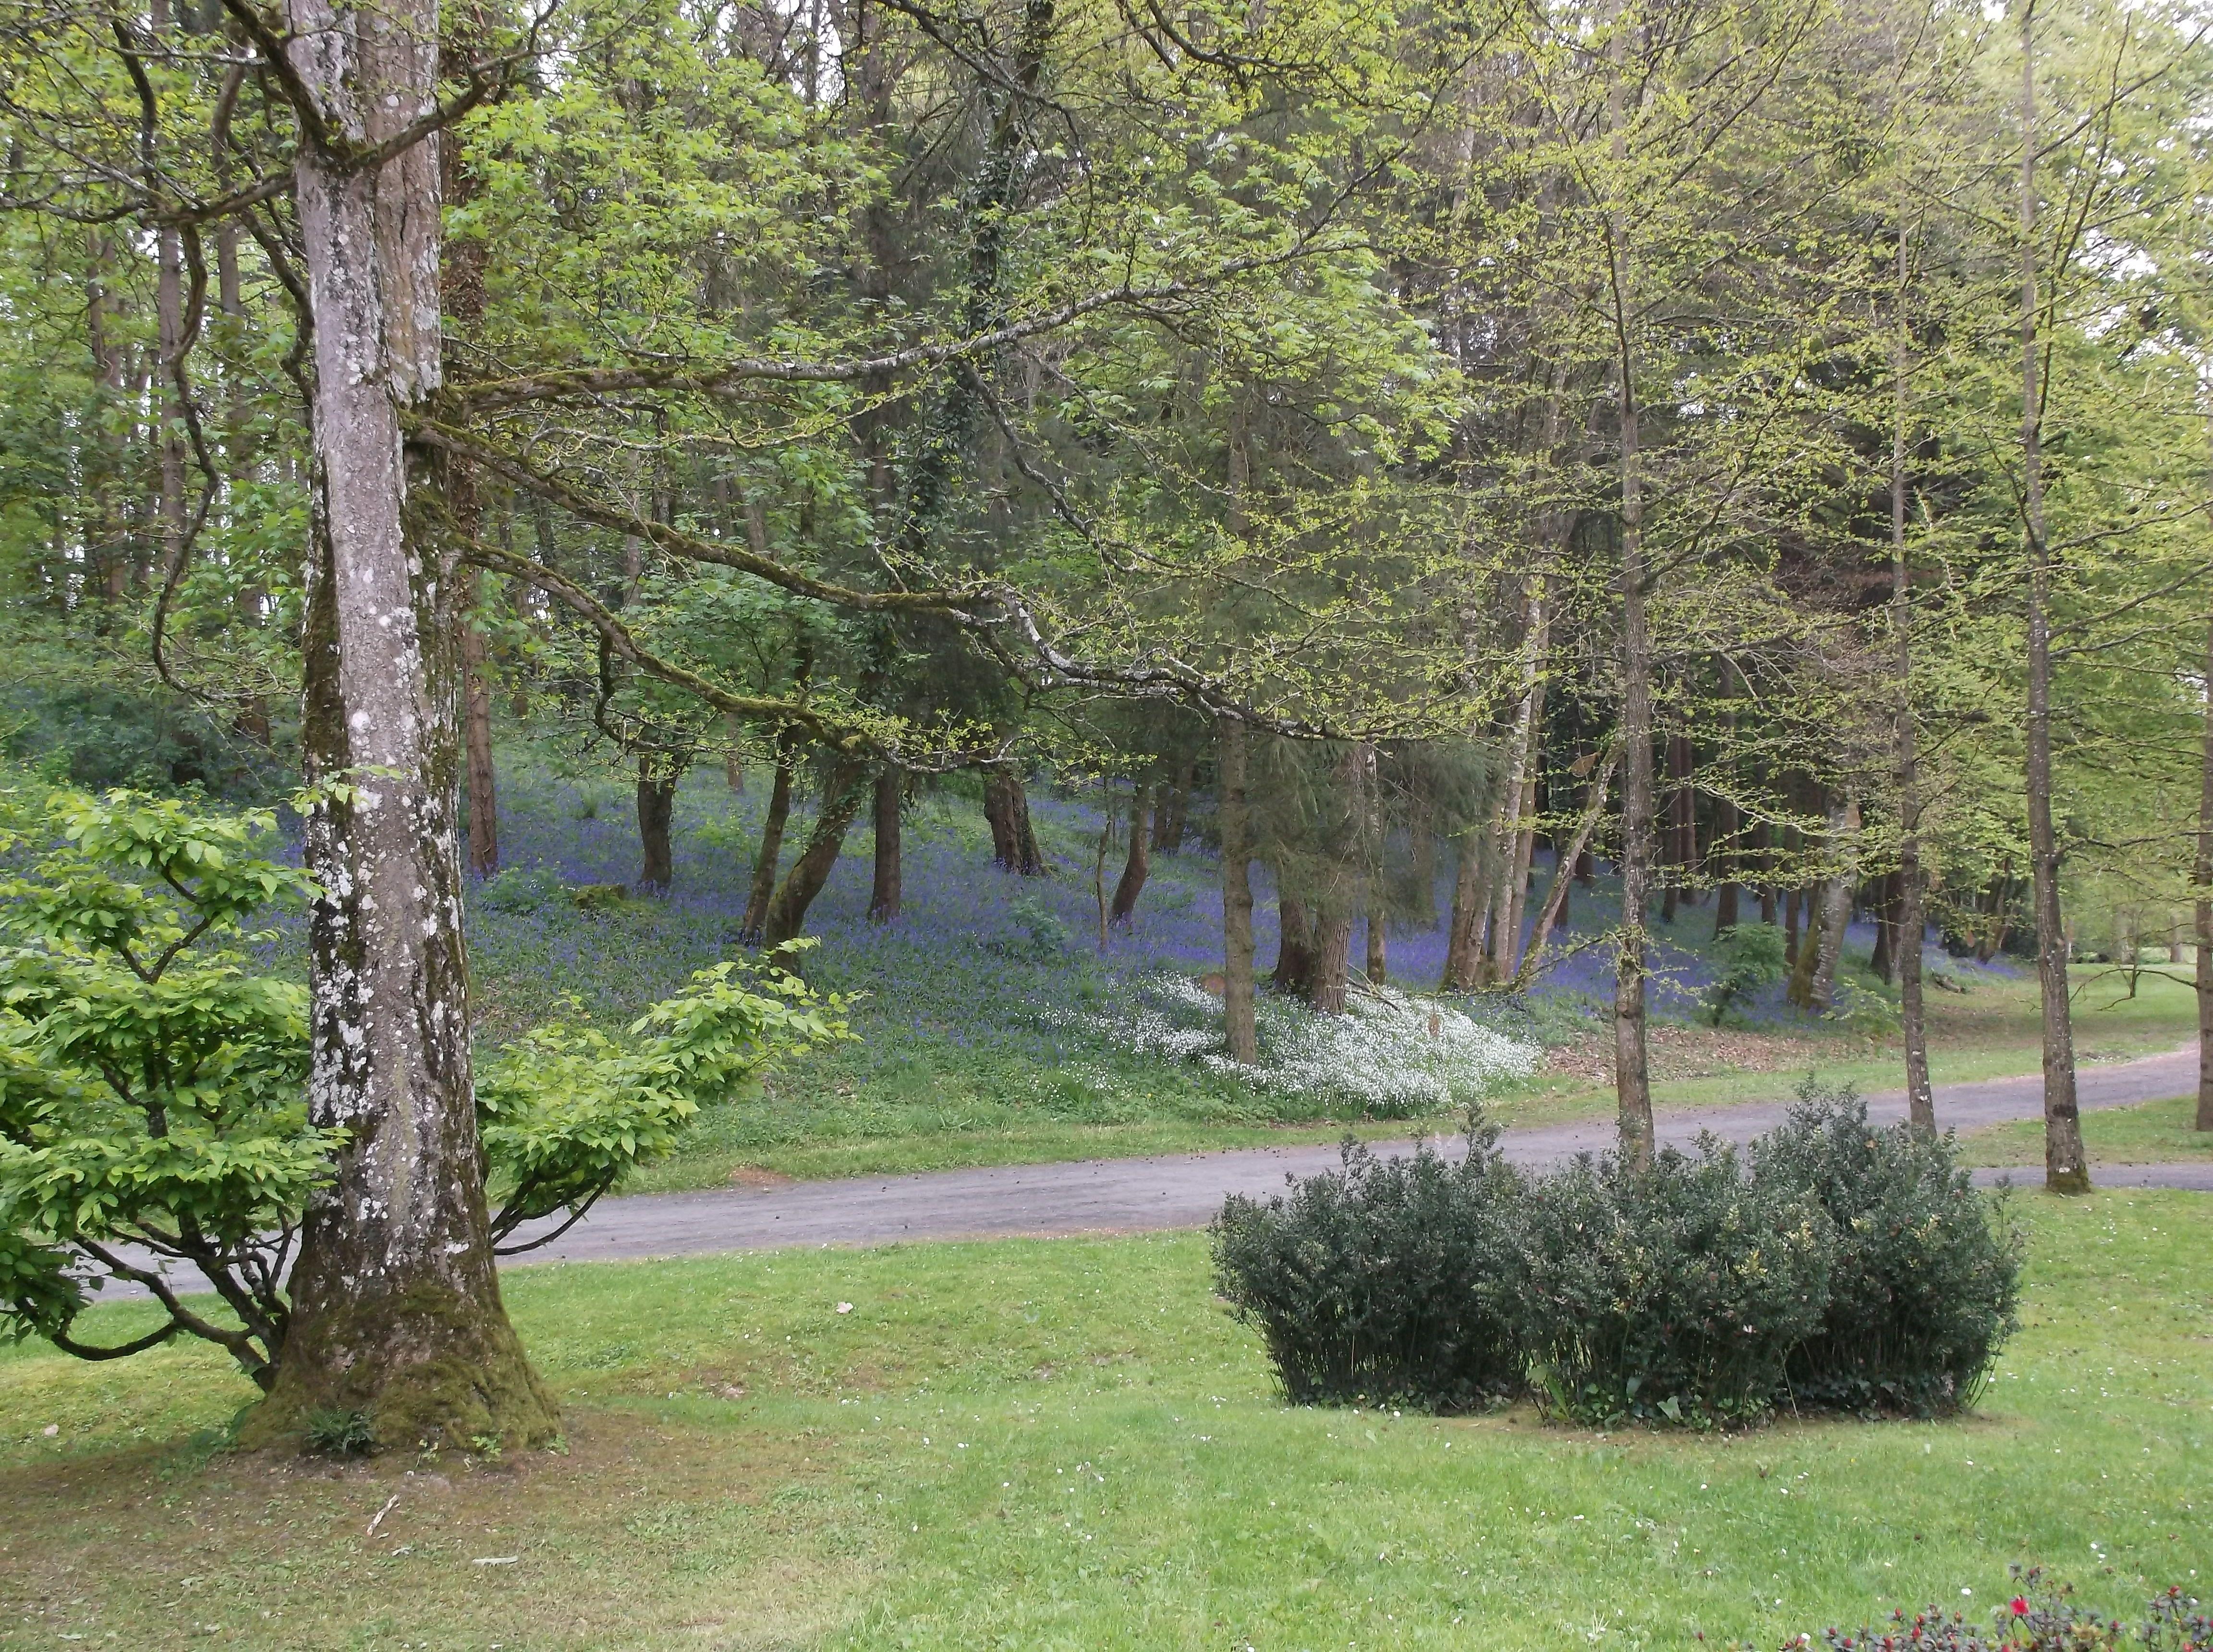 colline couverte de jacinthes sauvages - Parc oriental de Maulévrier